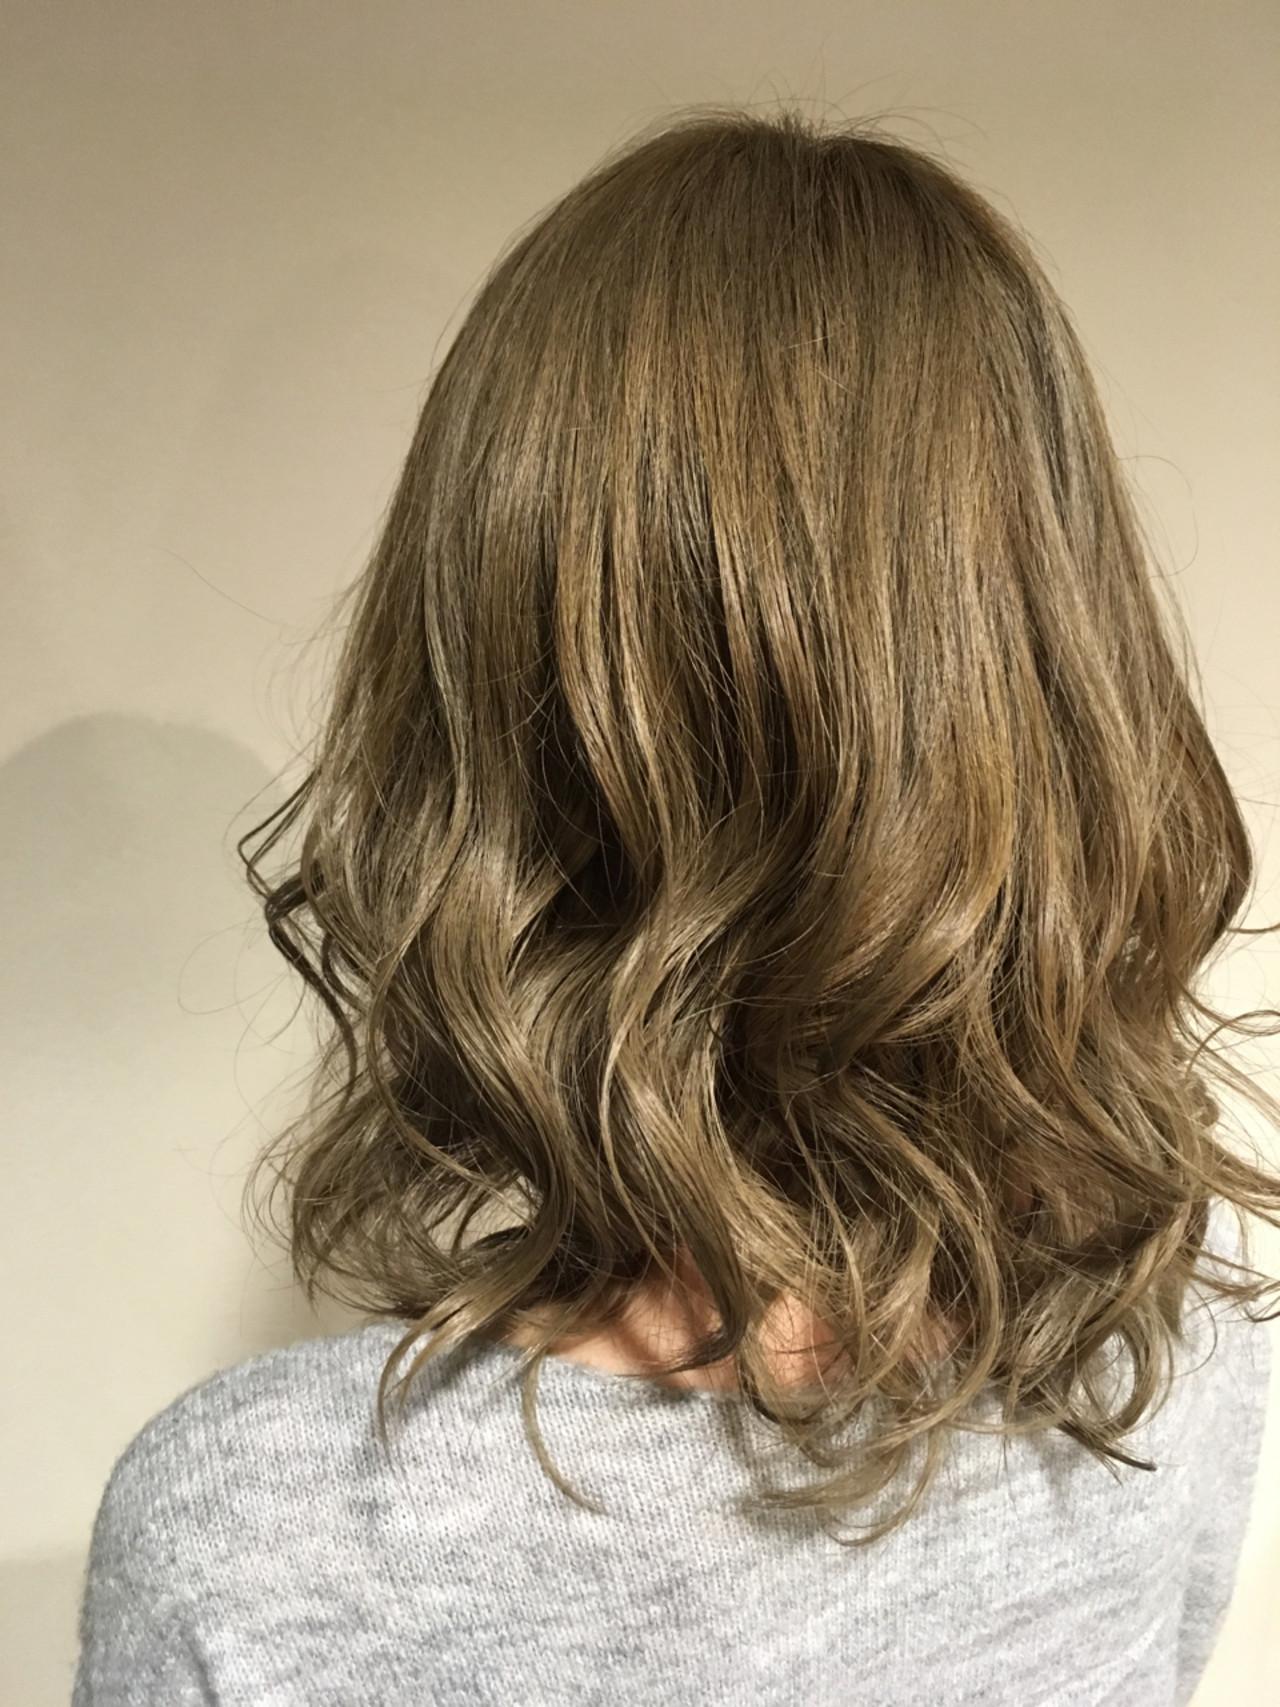 ハイトーン ミディアム イルミナカラー ナチュラル ヘアスタイルや髪型の写真・画像